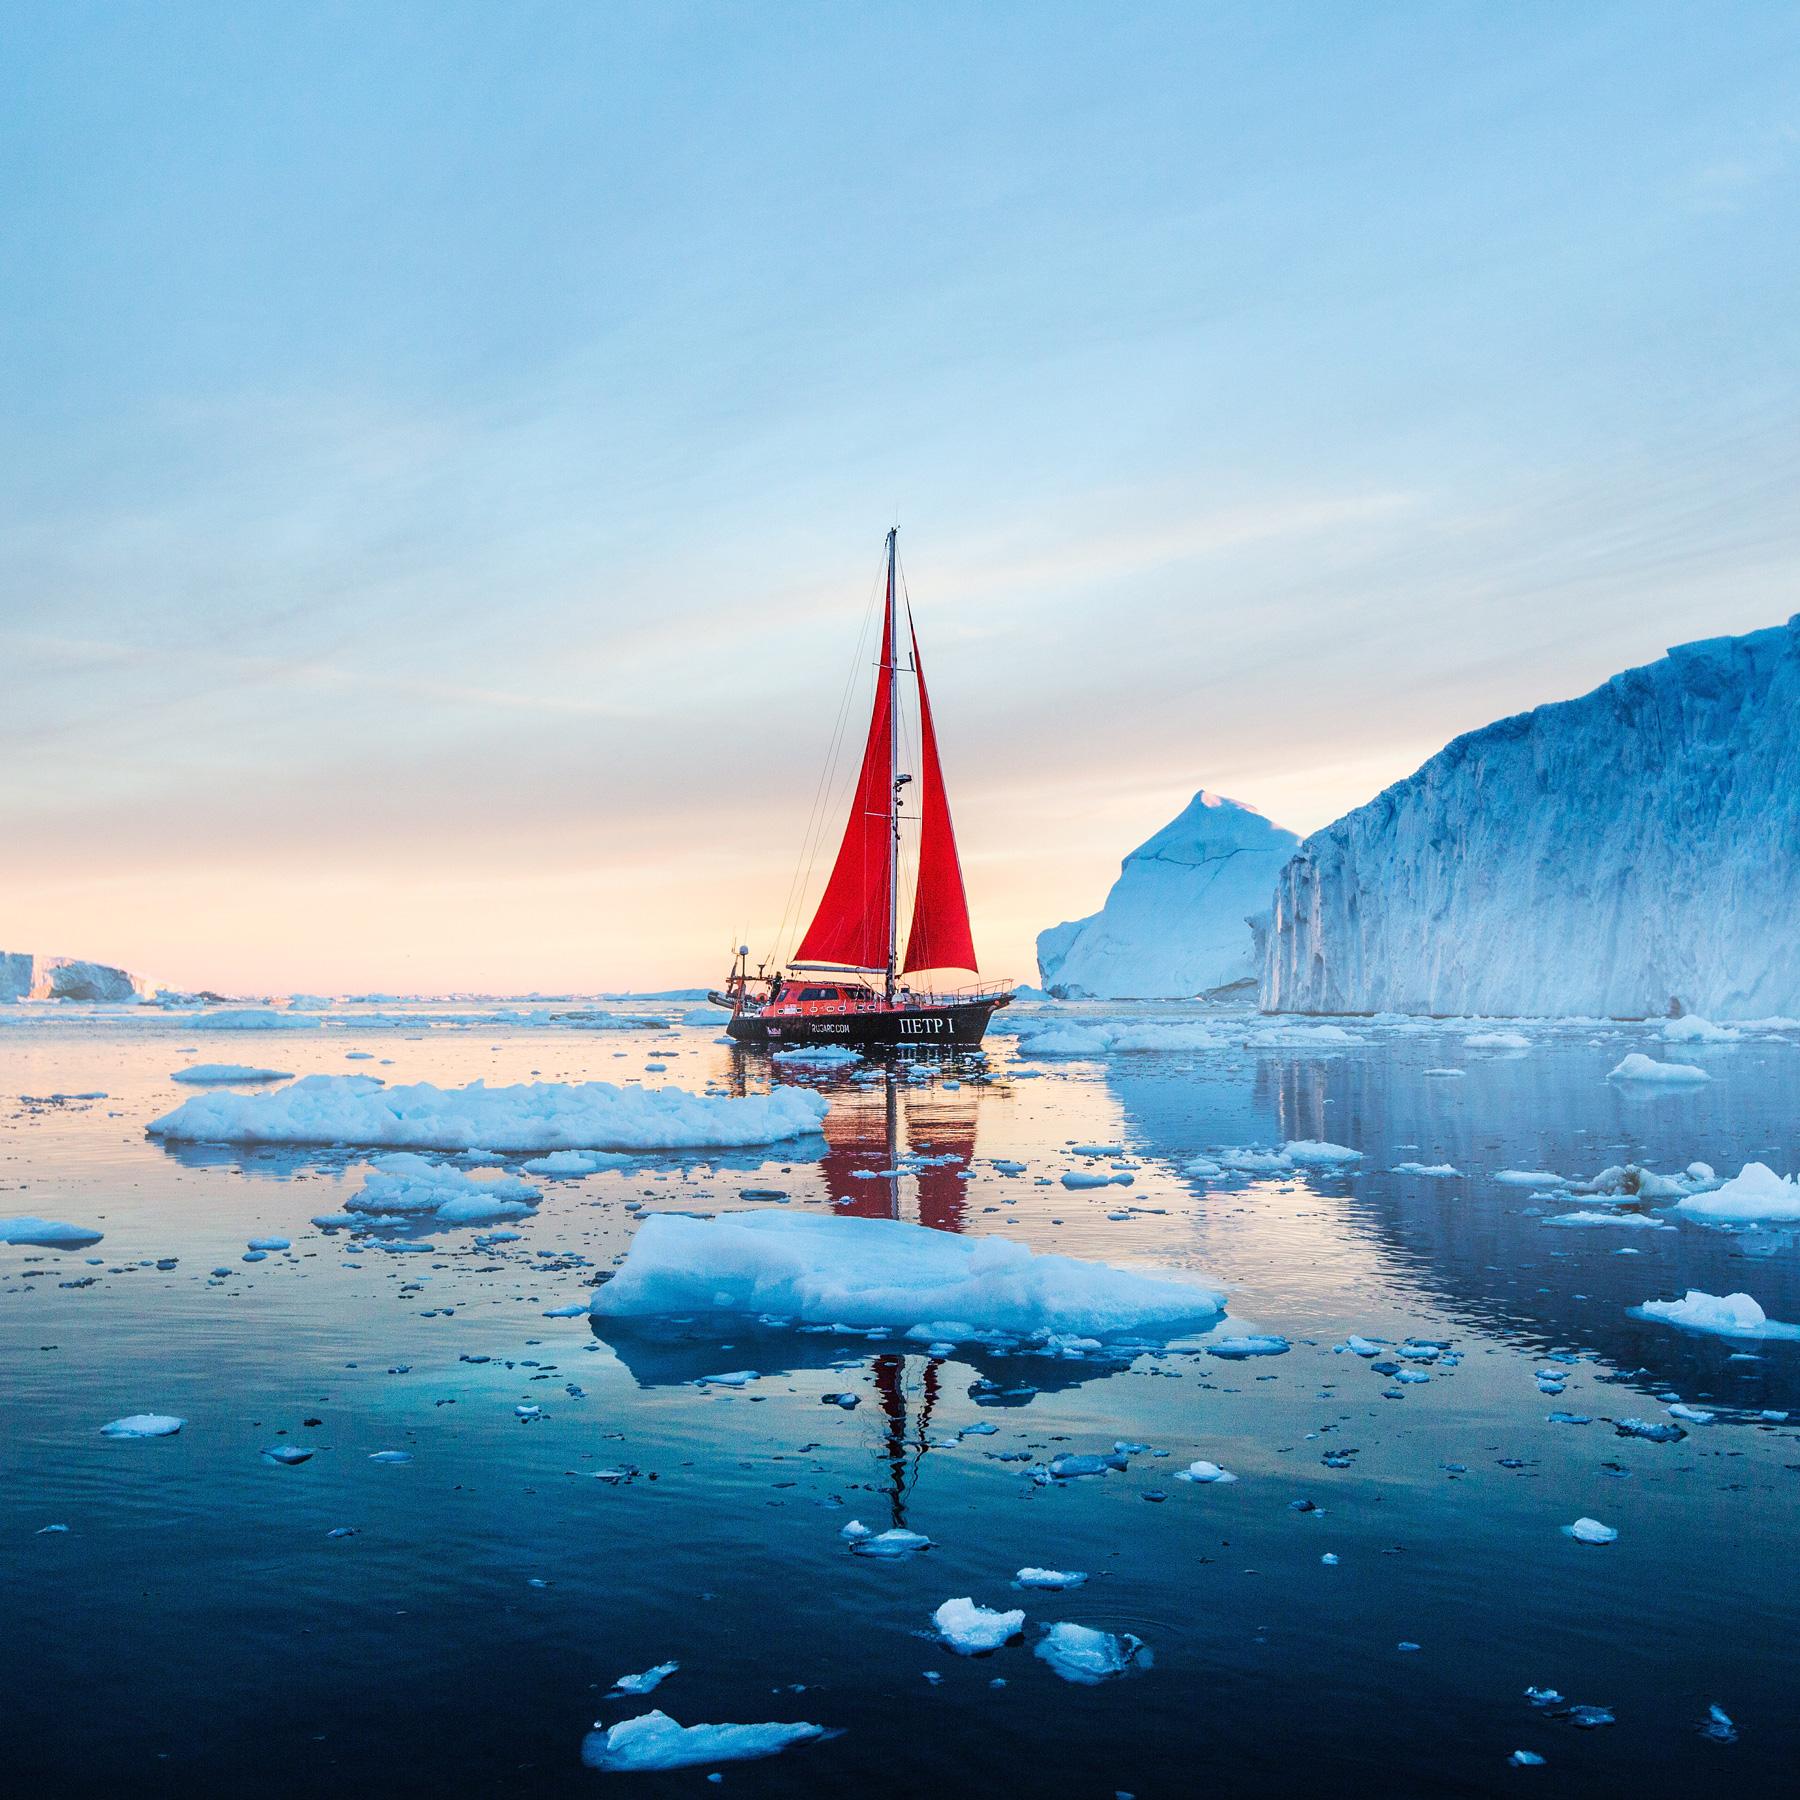 Grönland Segelboot Sonnenuntergang Eisberg